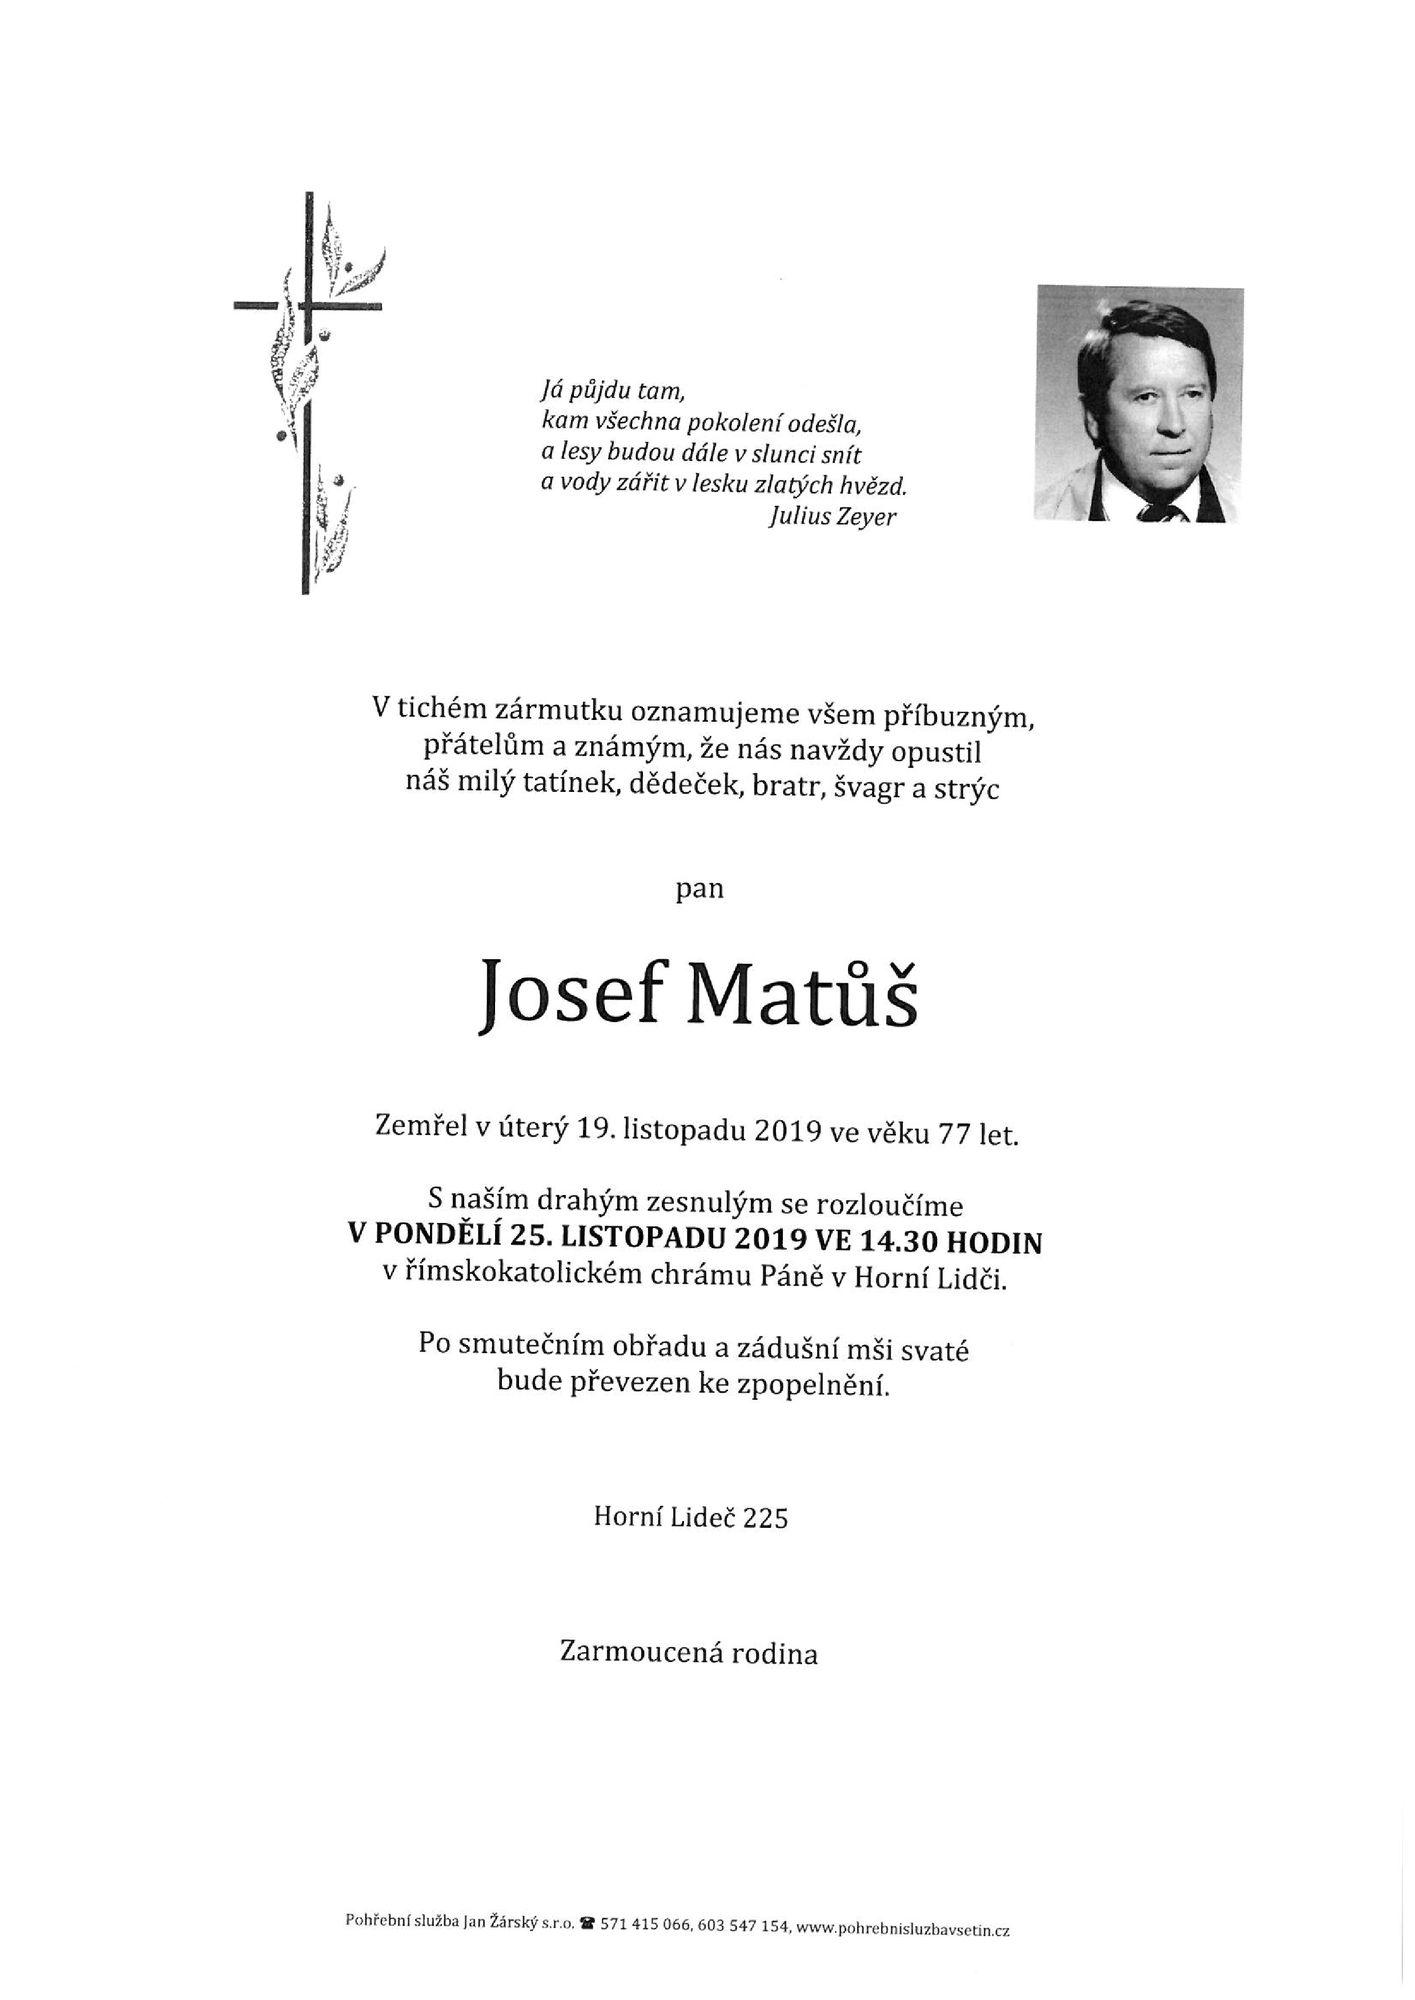 Josef Matůš